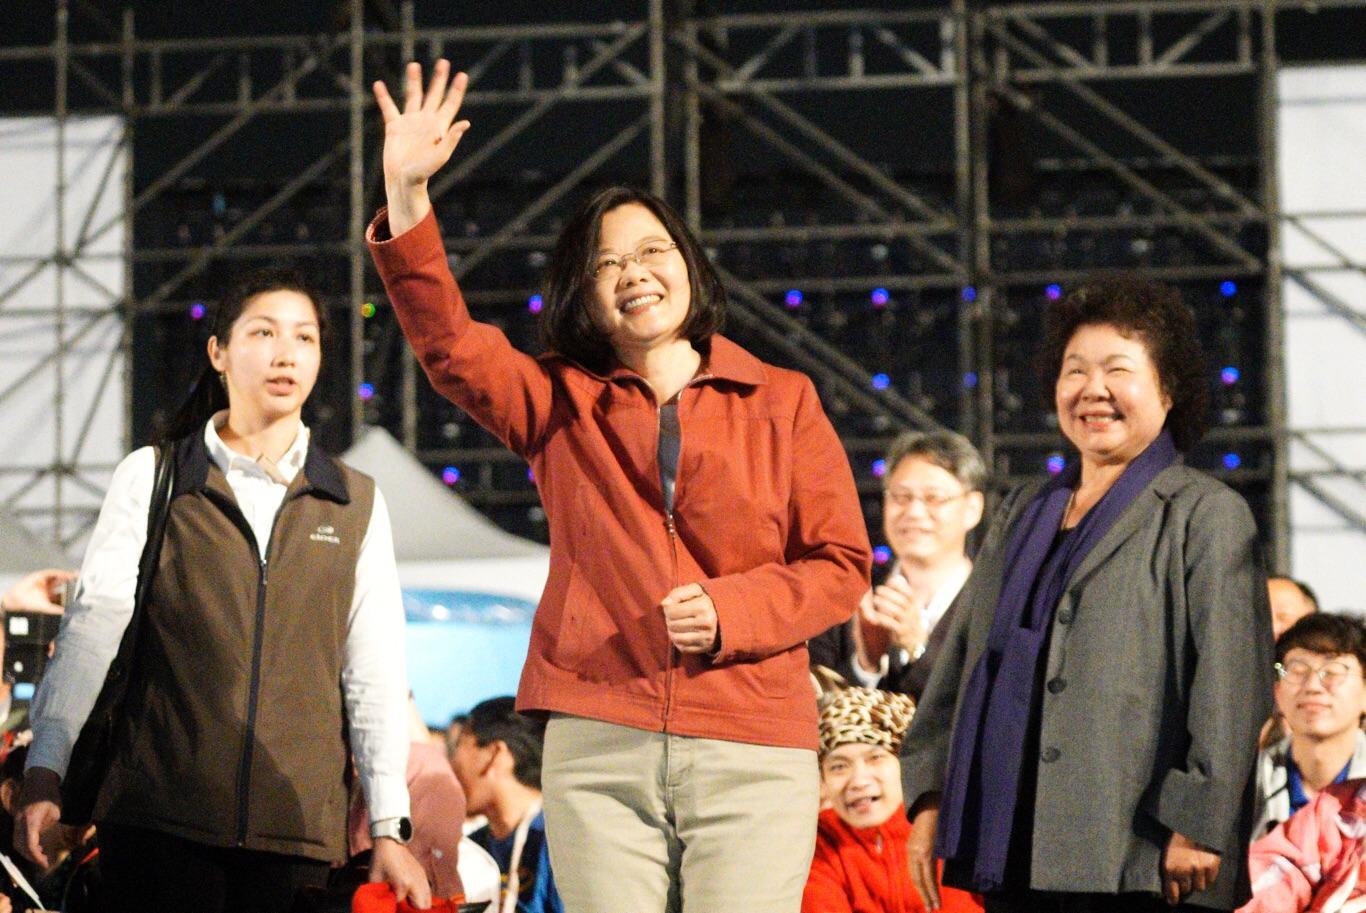 保皇黨放話,總統蔡英文若初選沒勝出,不惜脫黨競選。